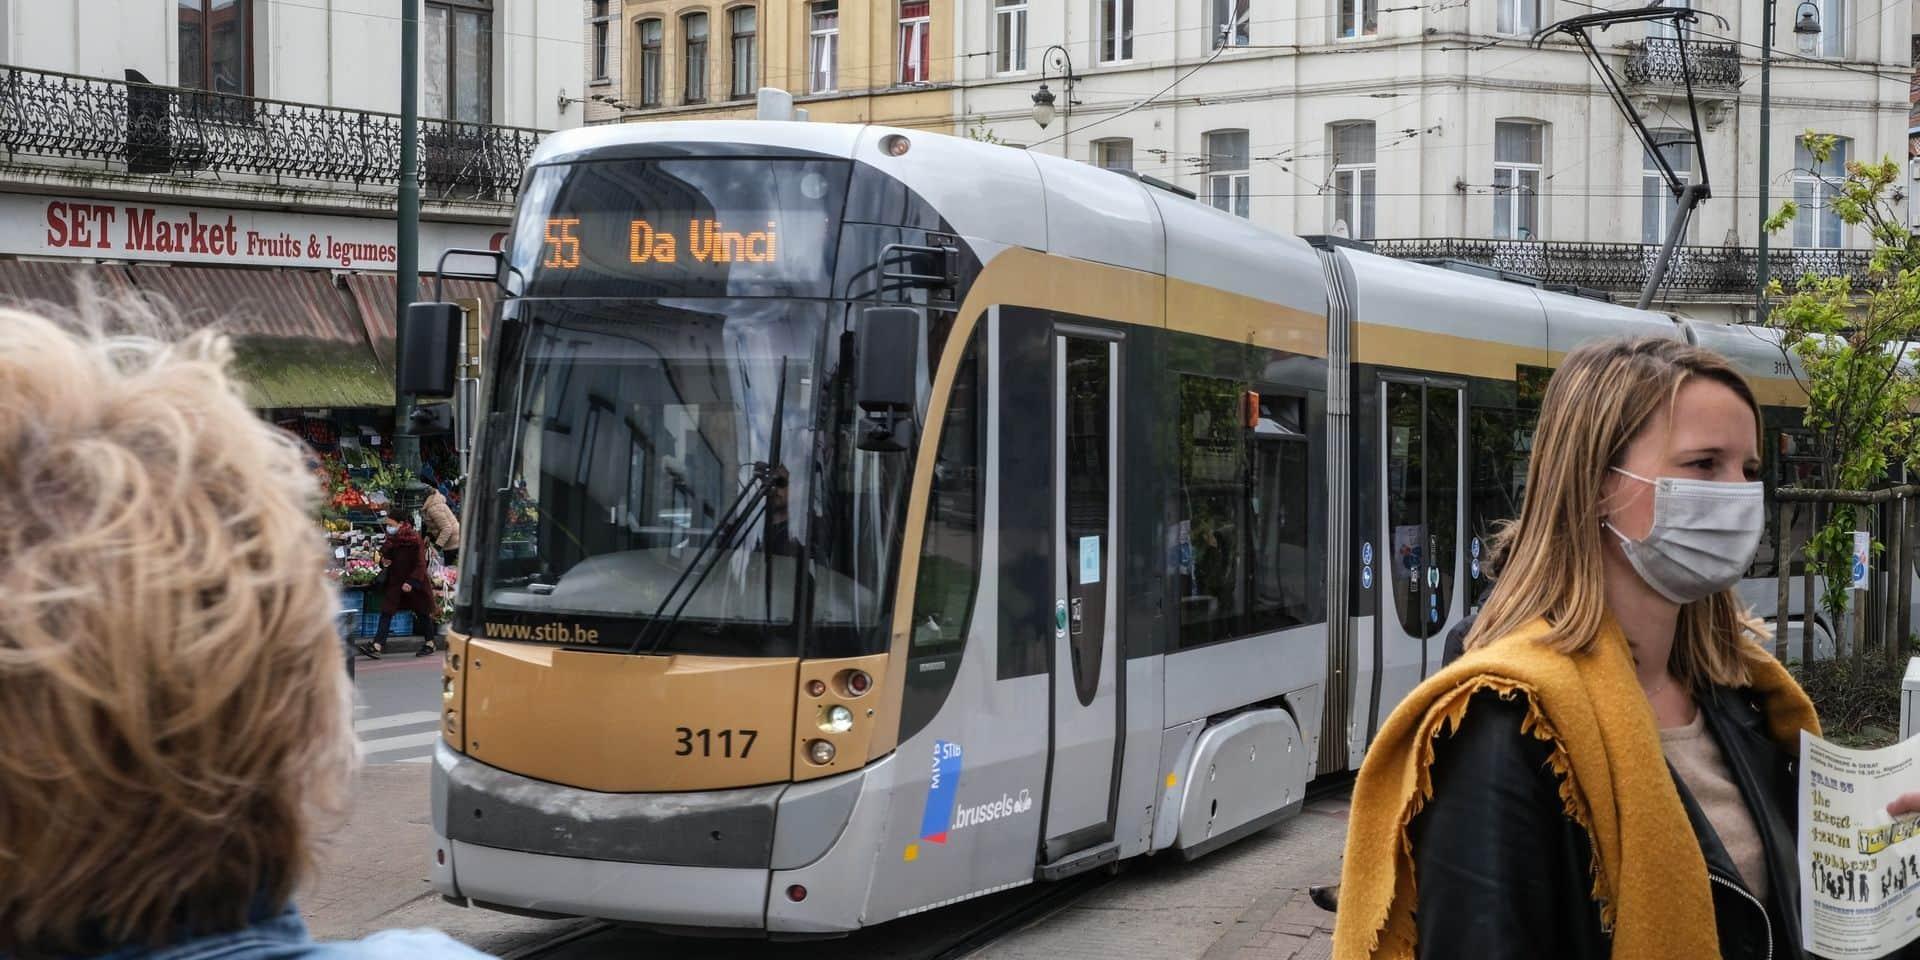 Le futur Métro 3 va entraîner la suppression du tram 55 : les citoyens se mobilisent